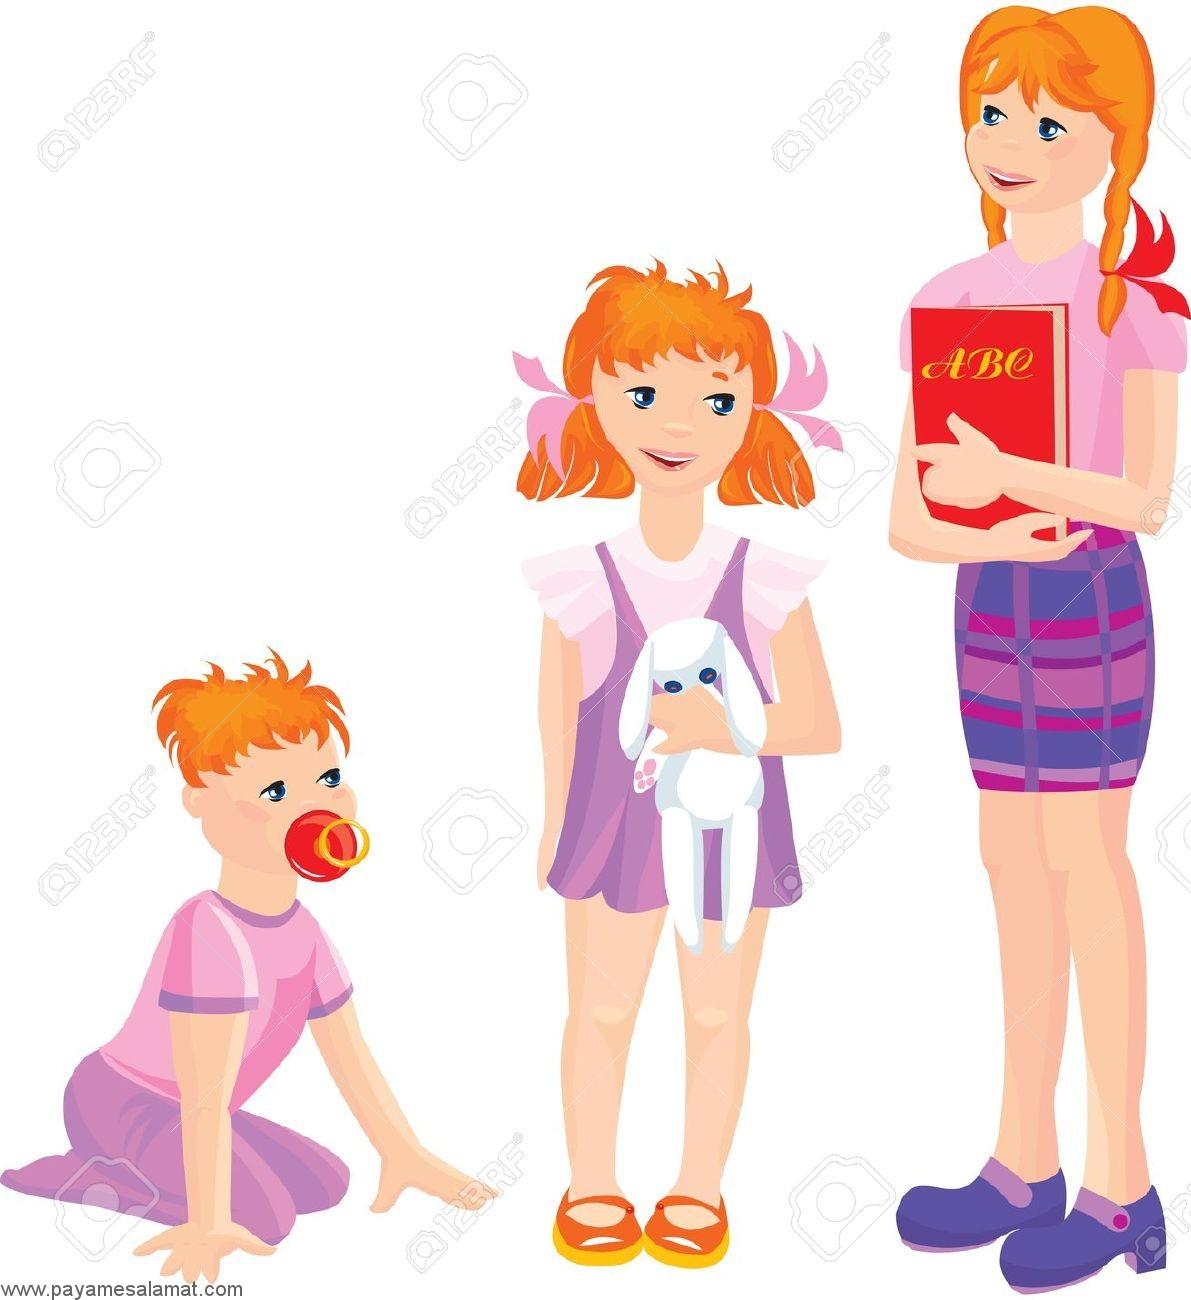 چه زمانی رشد دختران متوقف می شود و برای رشد بیشتر آن ها چه کاری باید کرد؟